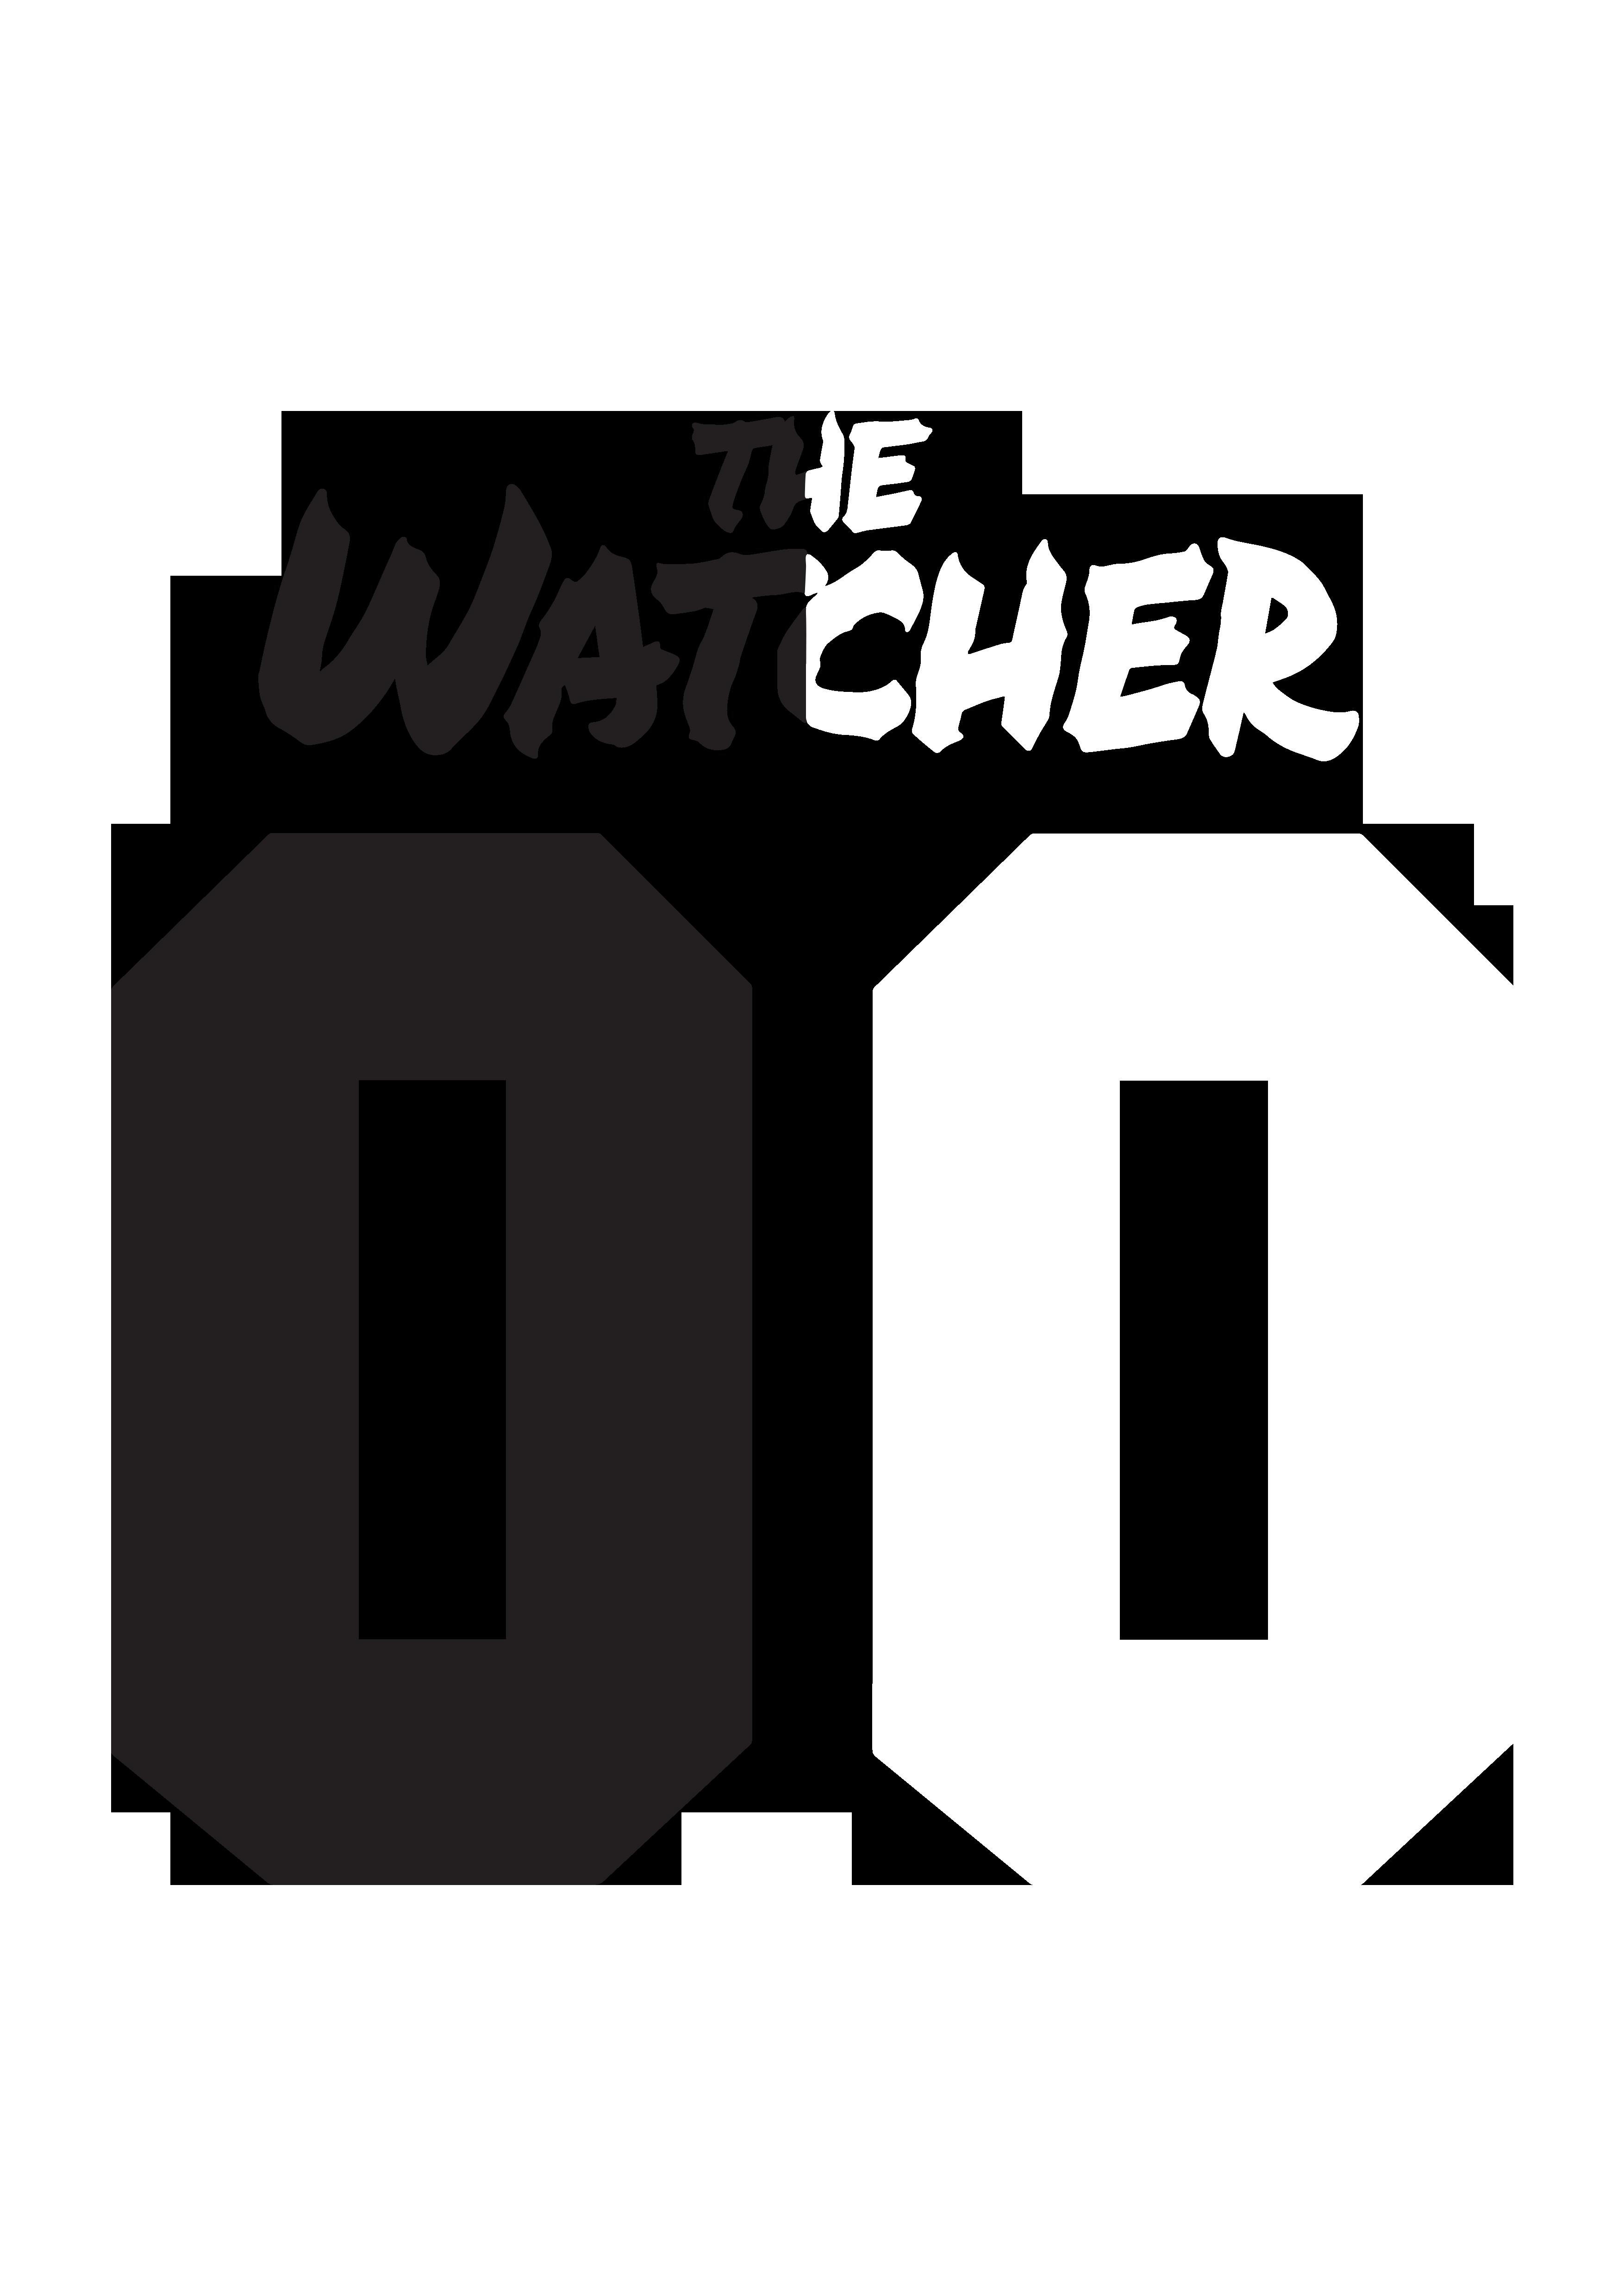 The Watcher T-Shirt Design